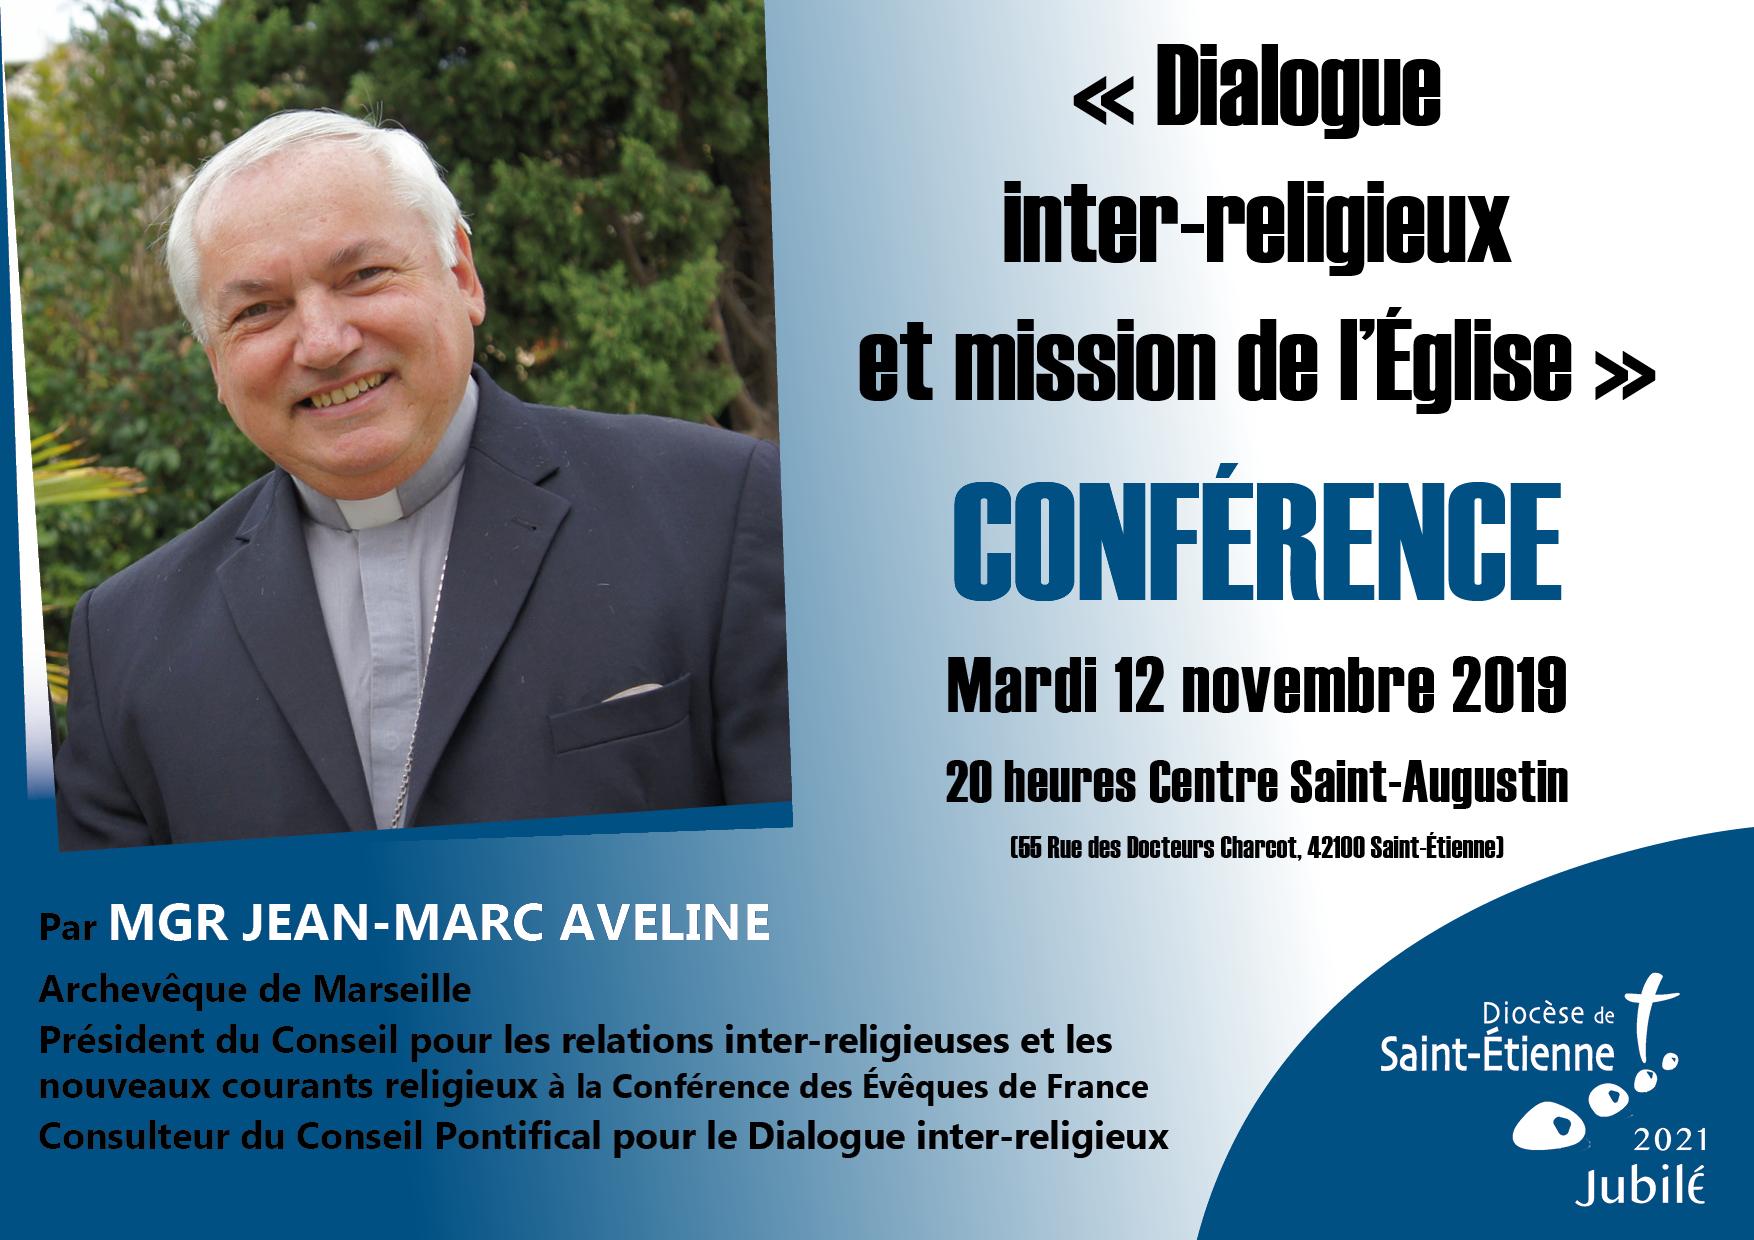 Conférence Mgr Aveline: «Dialogue inter-religieux et mission de l'Eglise» le 12 novembre 2019 à Saint-Etienne (42)